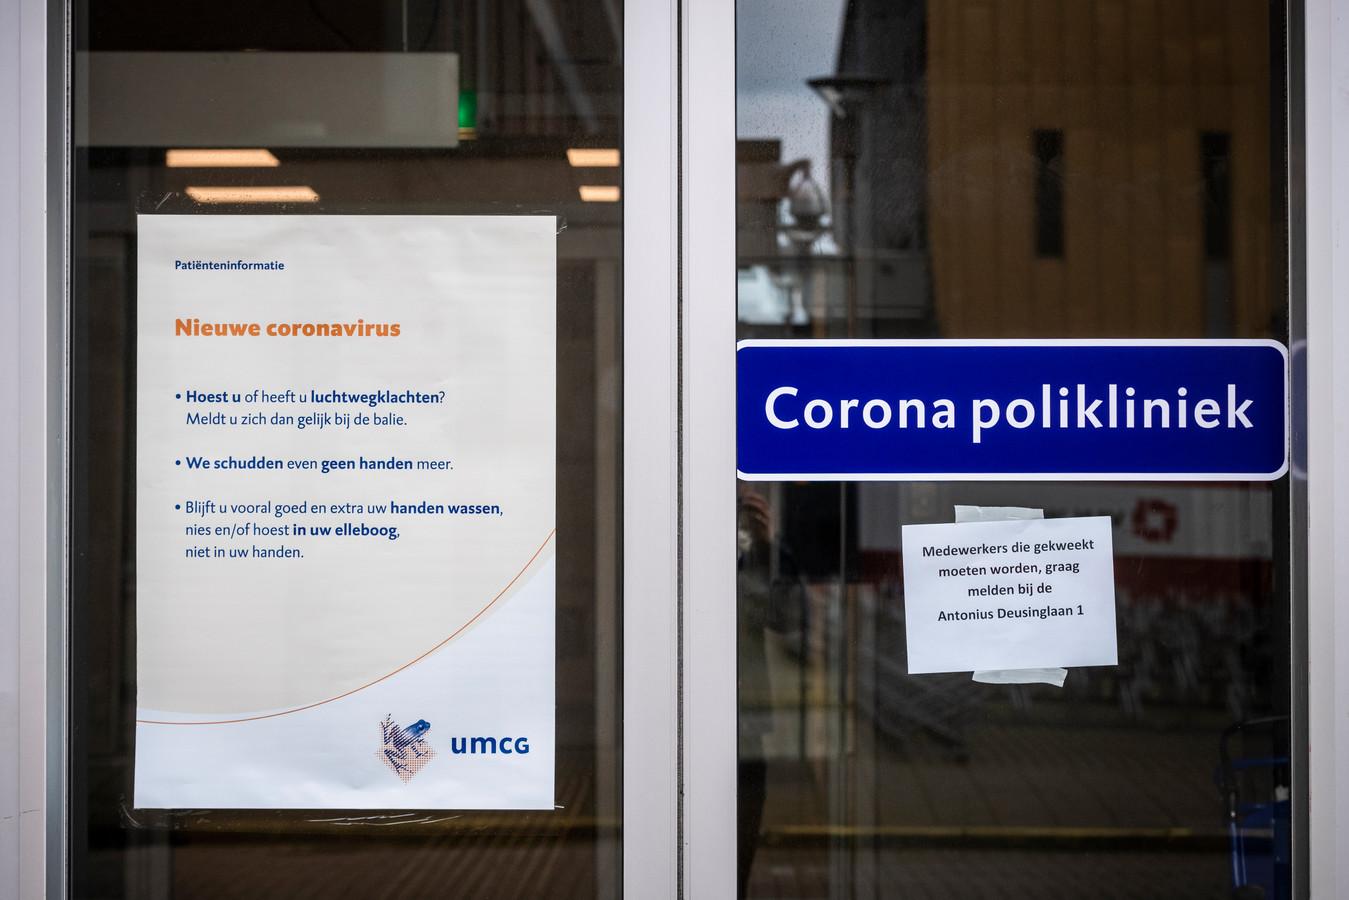 Een corona-polikliniek bij het Universitair Medisch Centrum Groningen (UMCG).